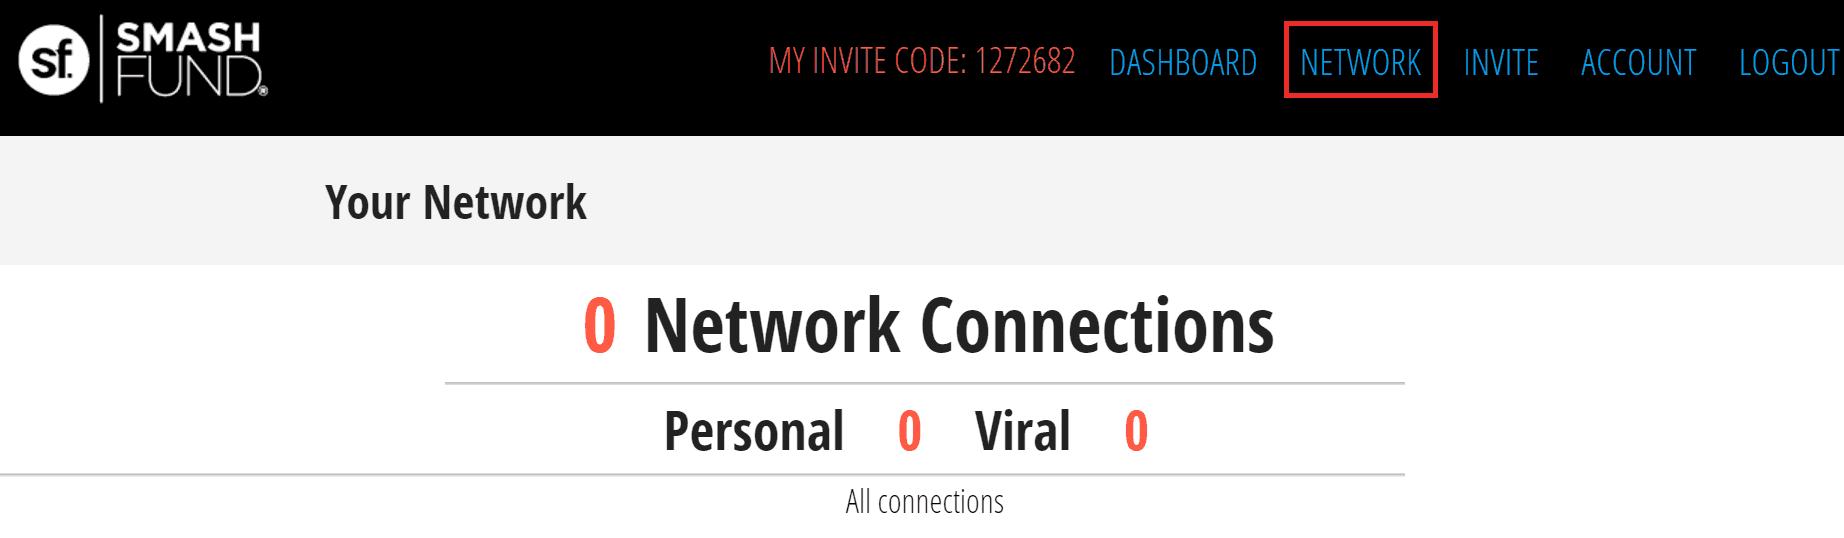 Smashfund Network